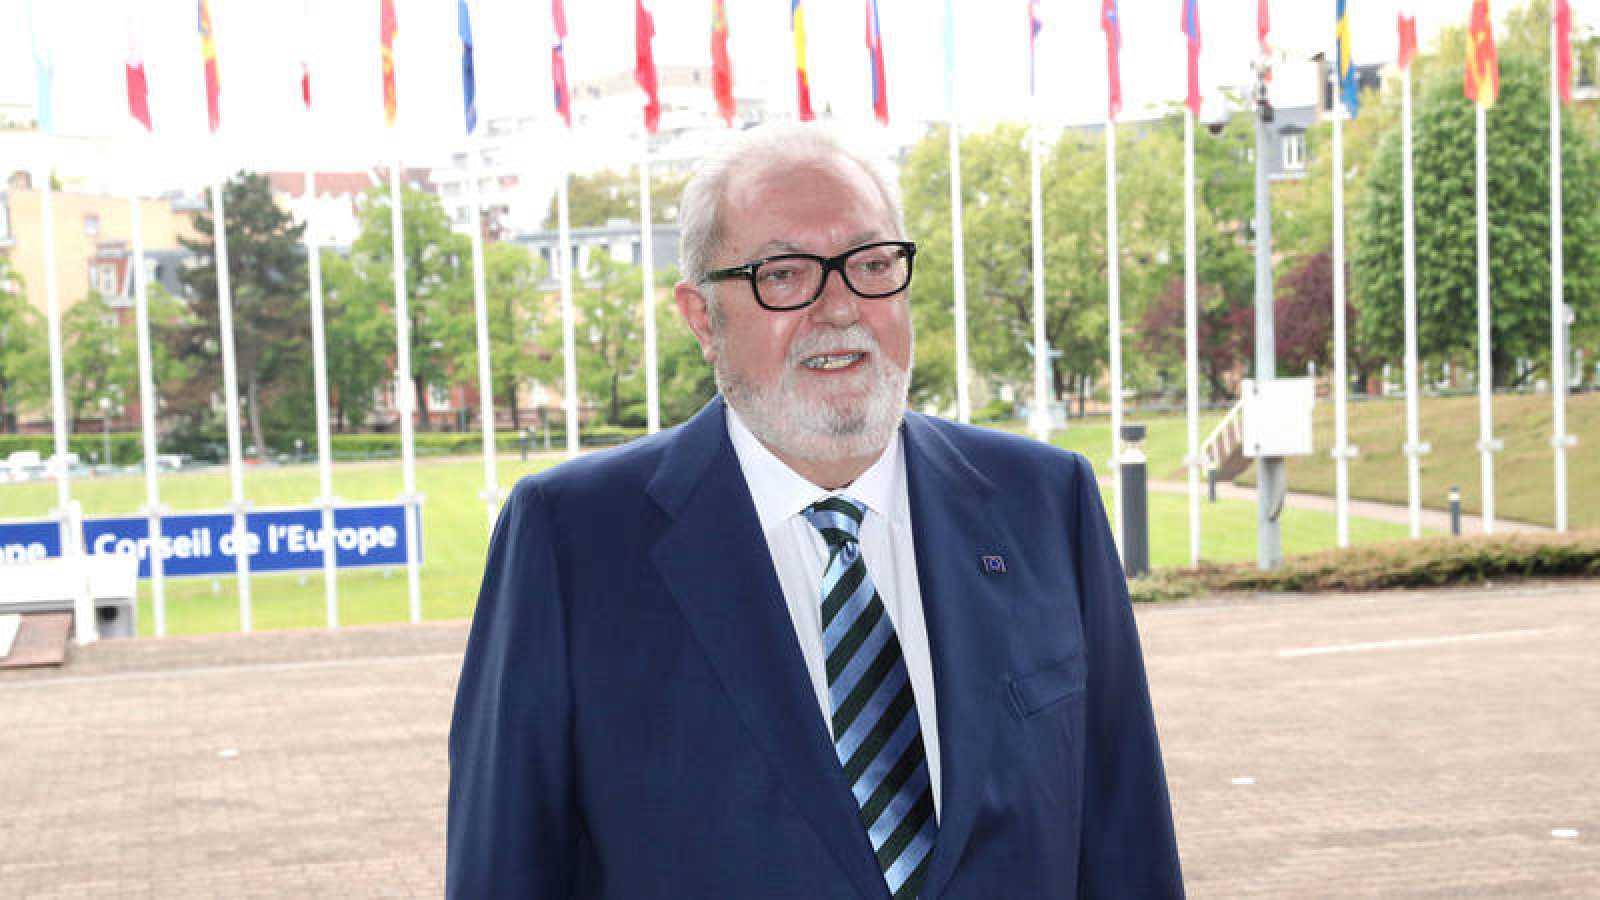 El senador del PP Pedro Agramunt llega a la sede del Consejo de Europa en Estrasburgo